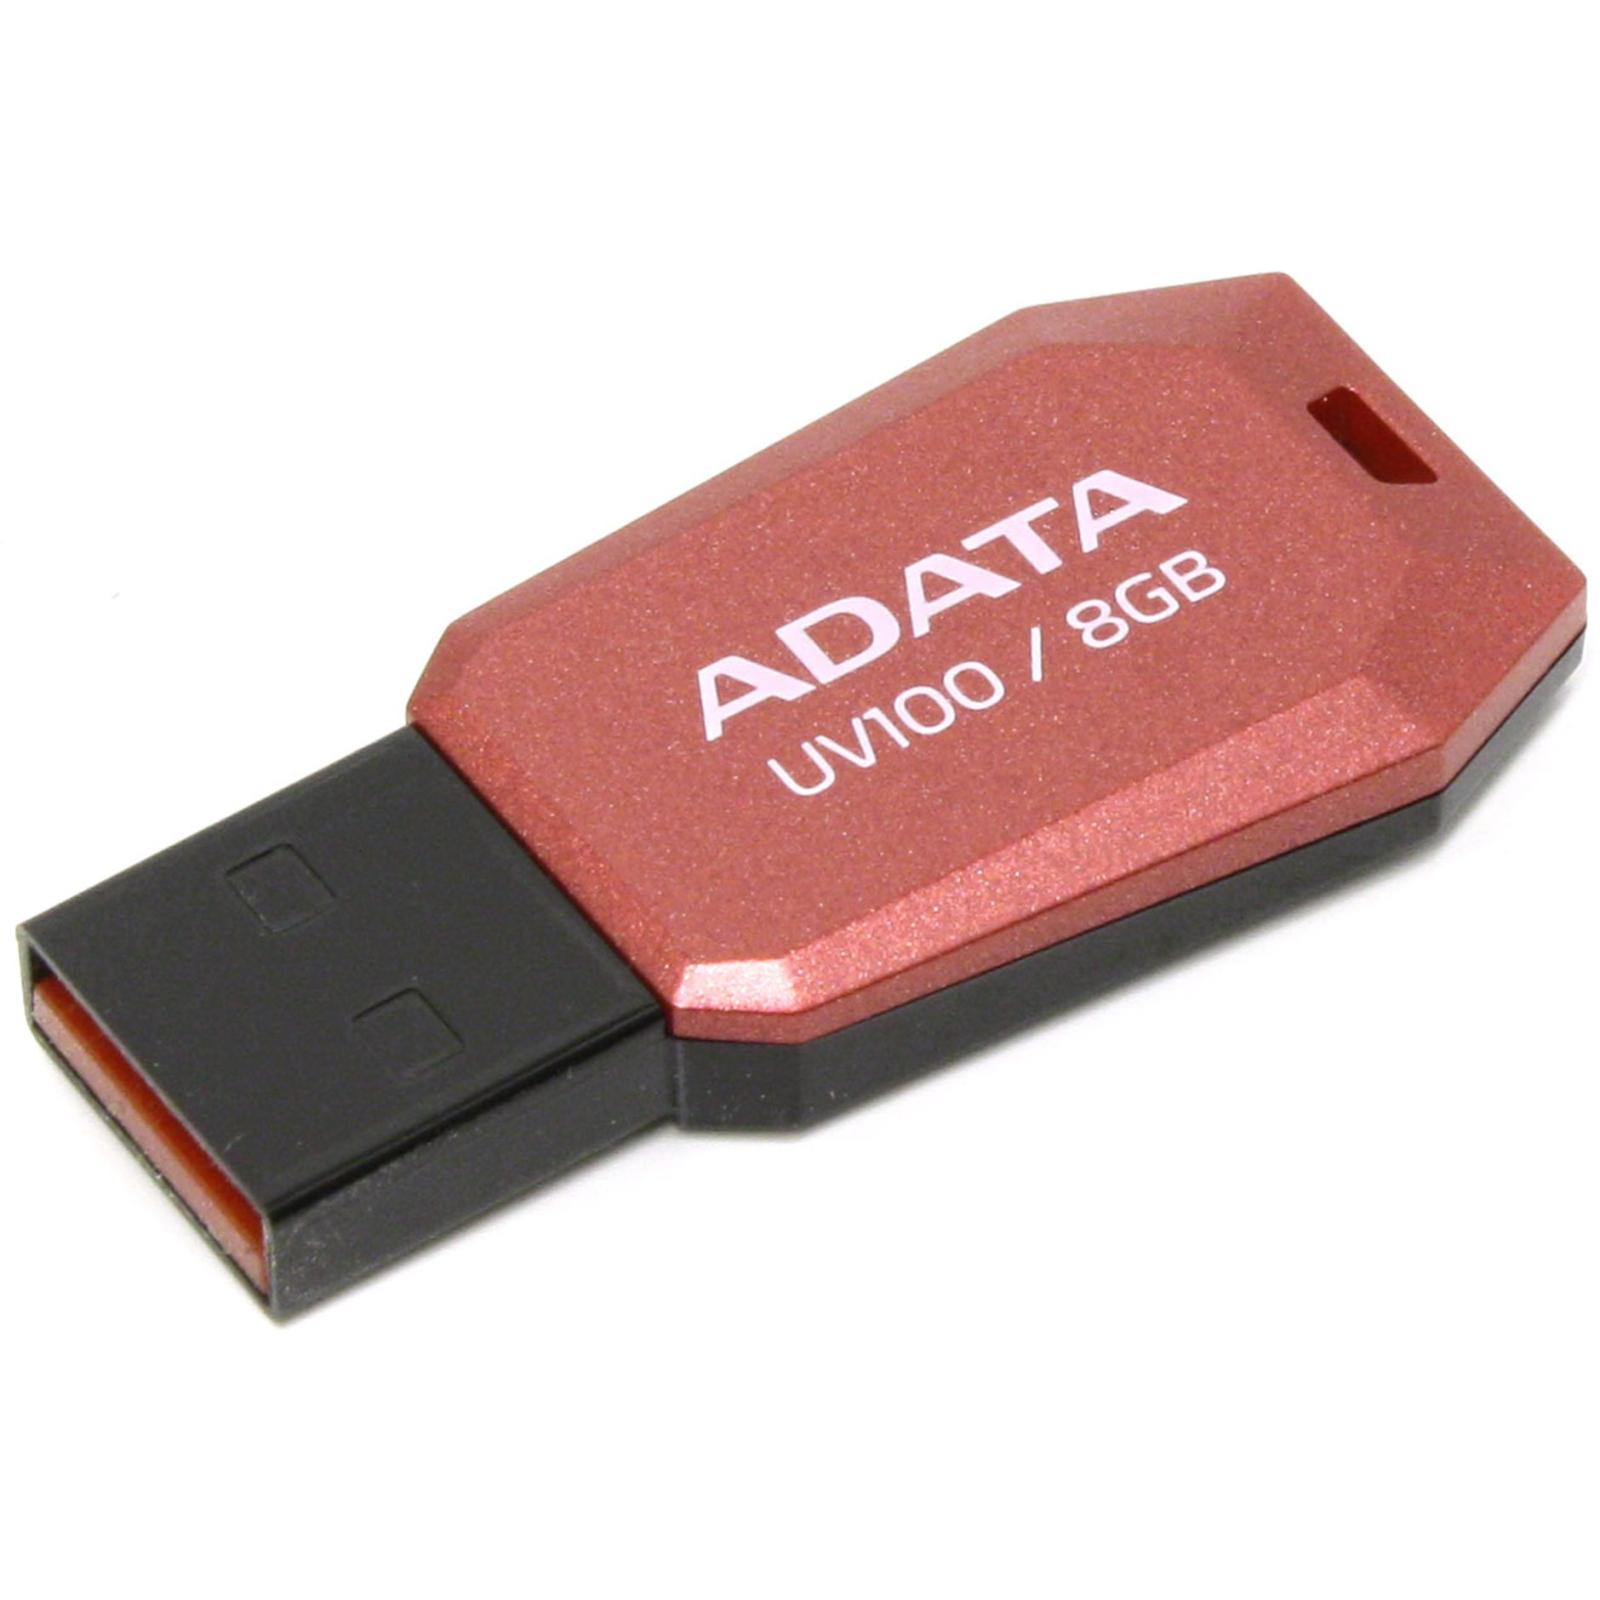 USB флеш накопитель ADATA 32GB DashDrive UV100 Red USB 2.0 (AUV100-32G-RRD) изображение 2